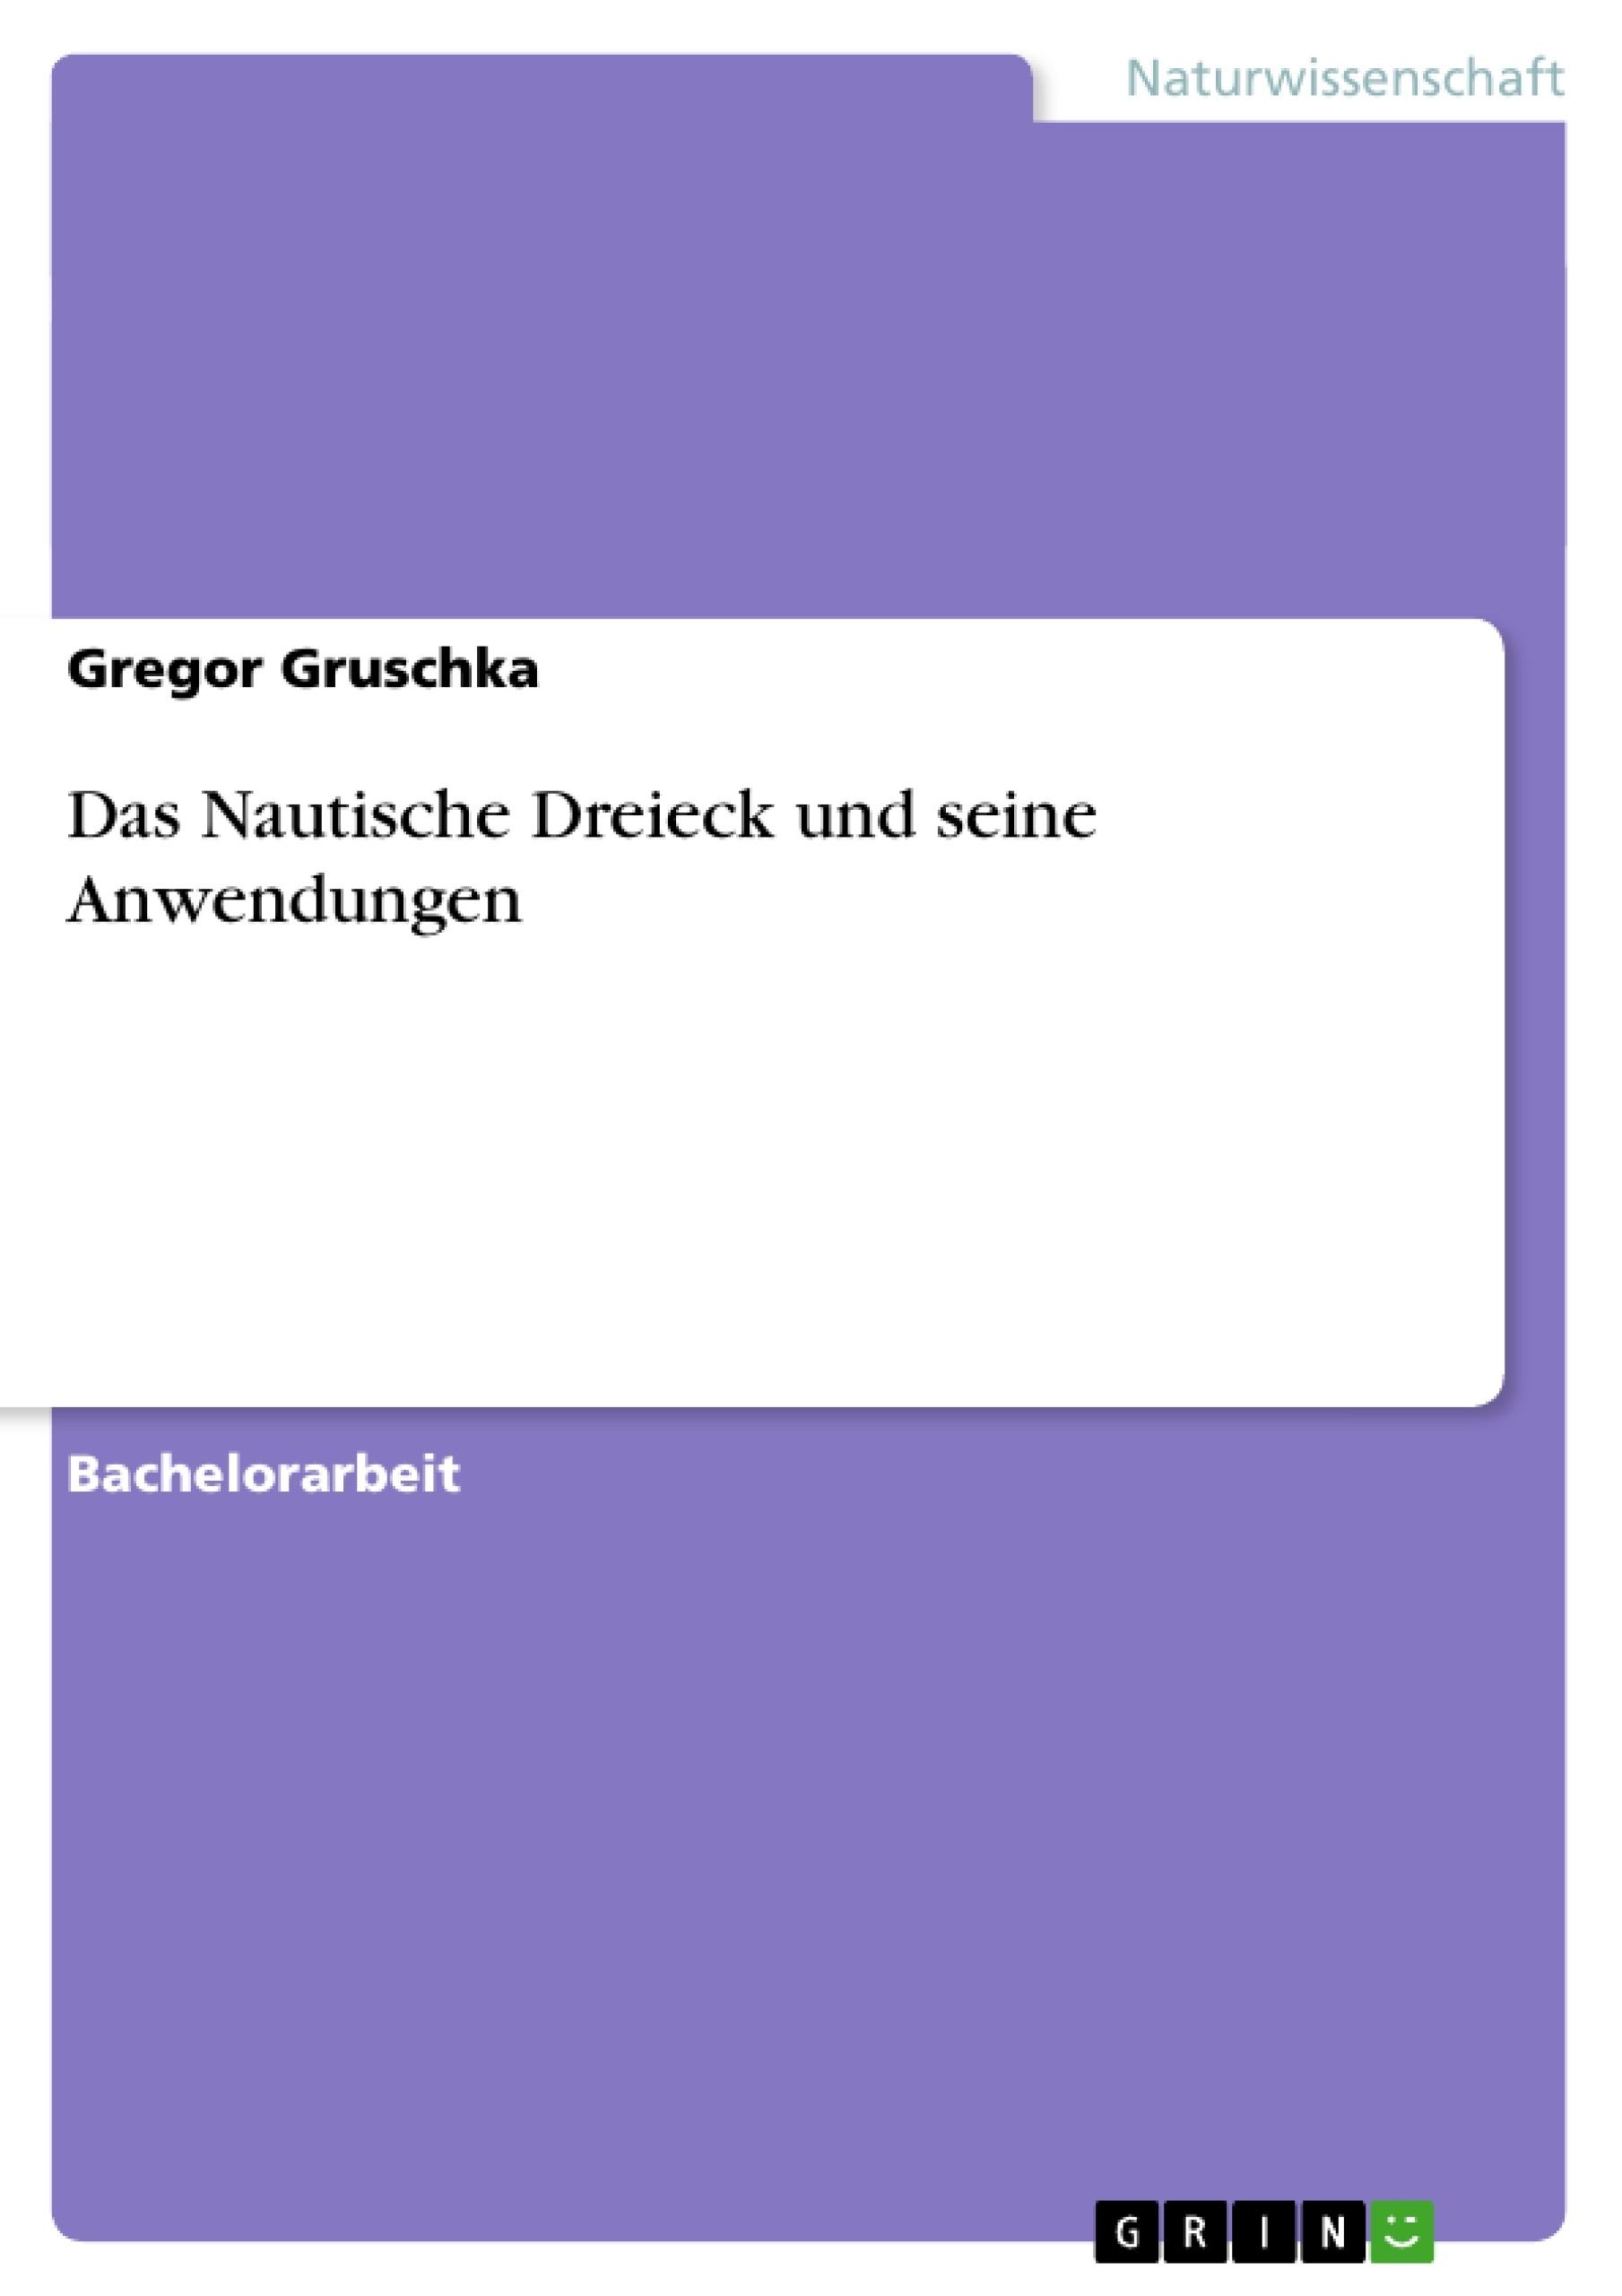 Titel: Das Nautische Dreieck und seine Anwendungen